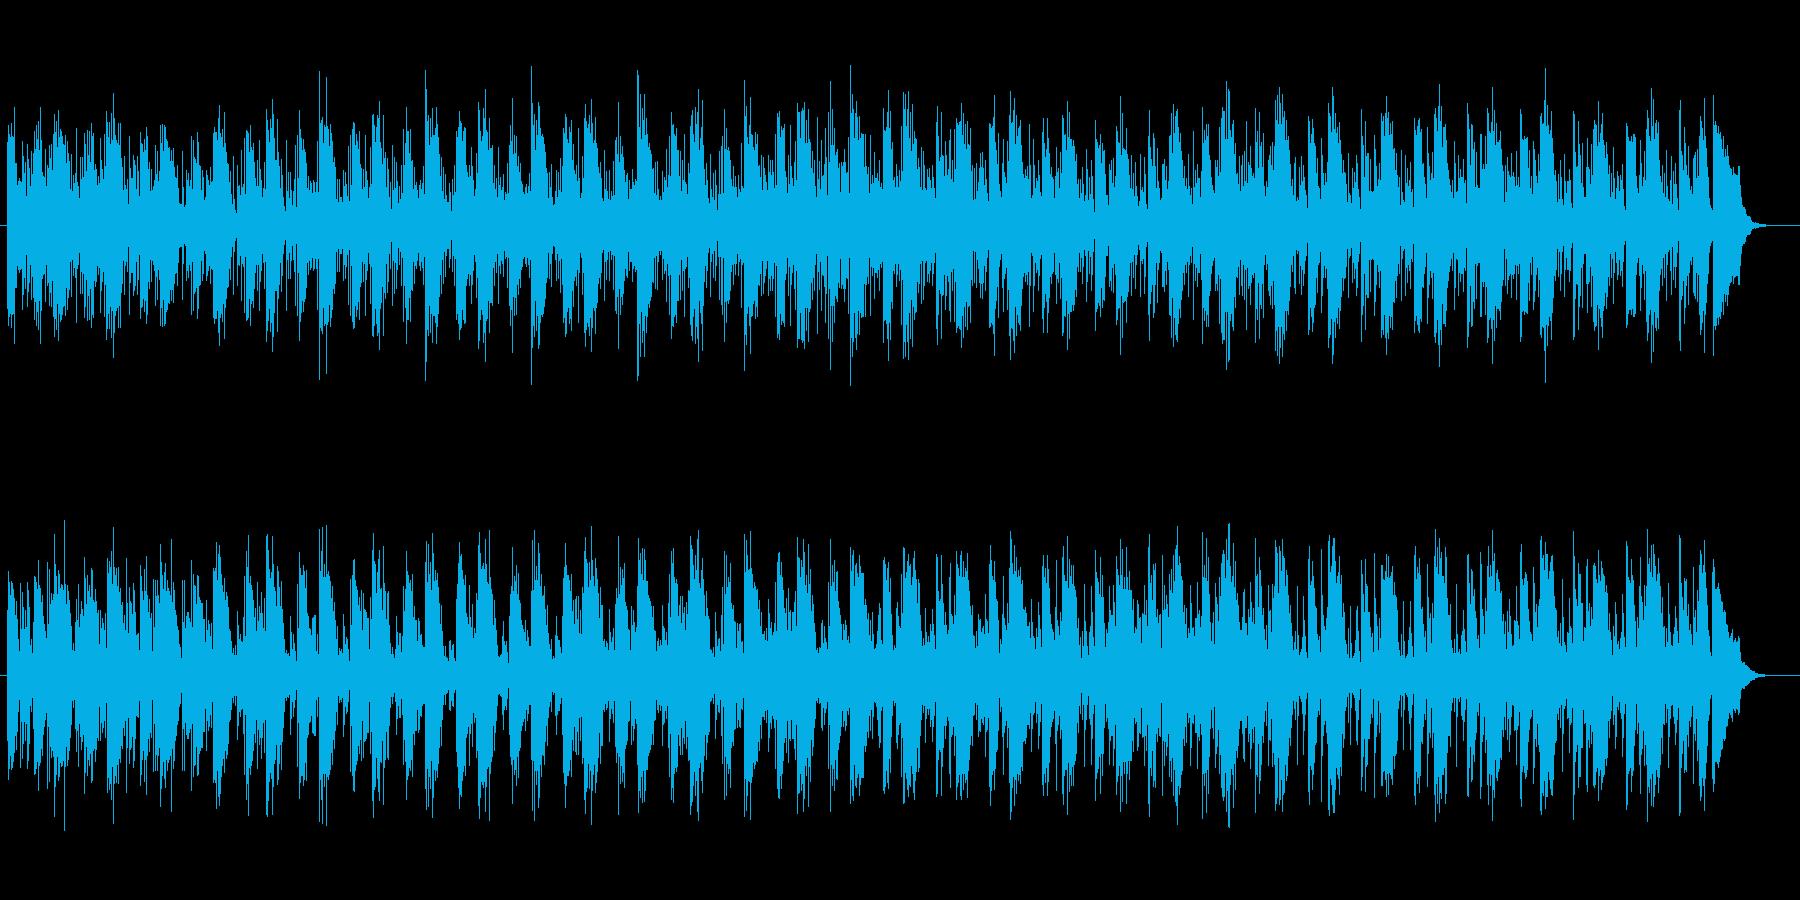 幻想的でメローなスピリチュアルサウンドの再生済みの波形